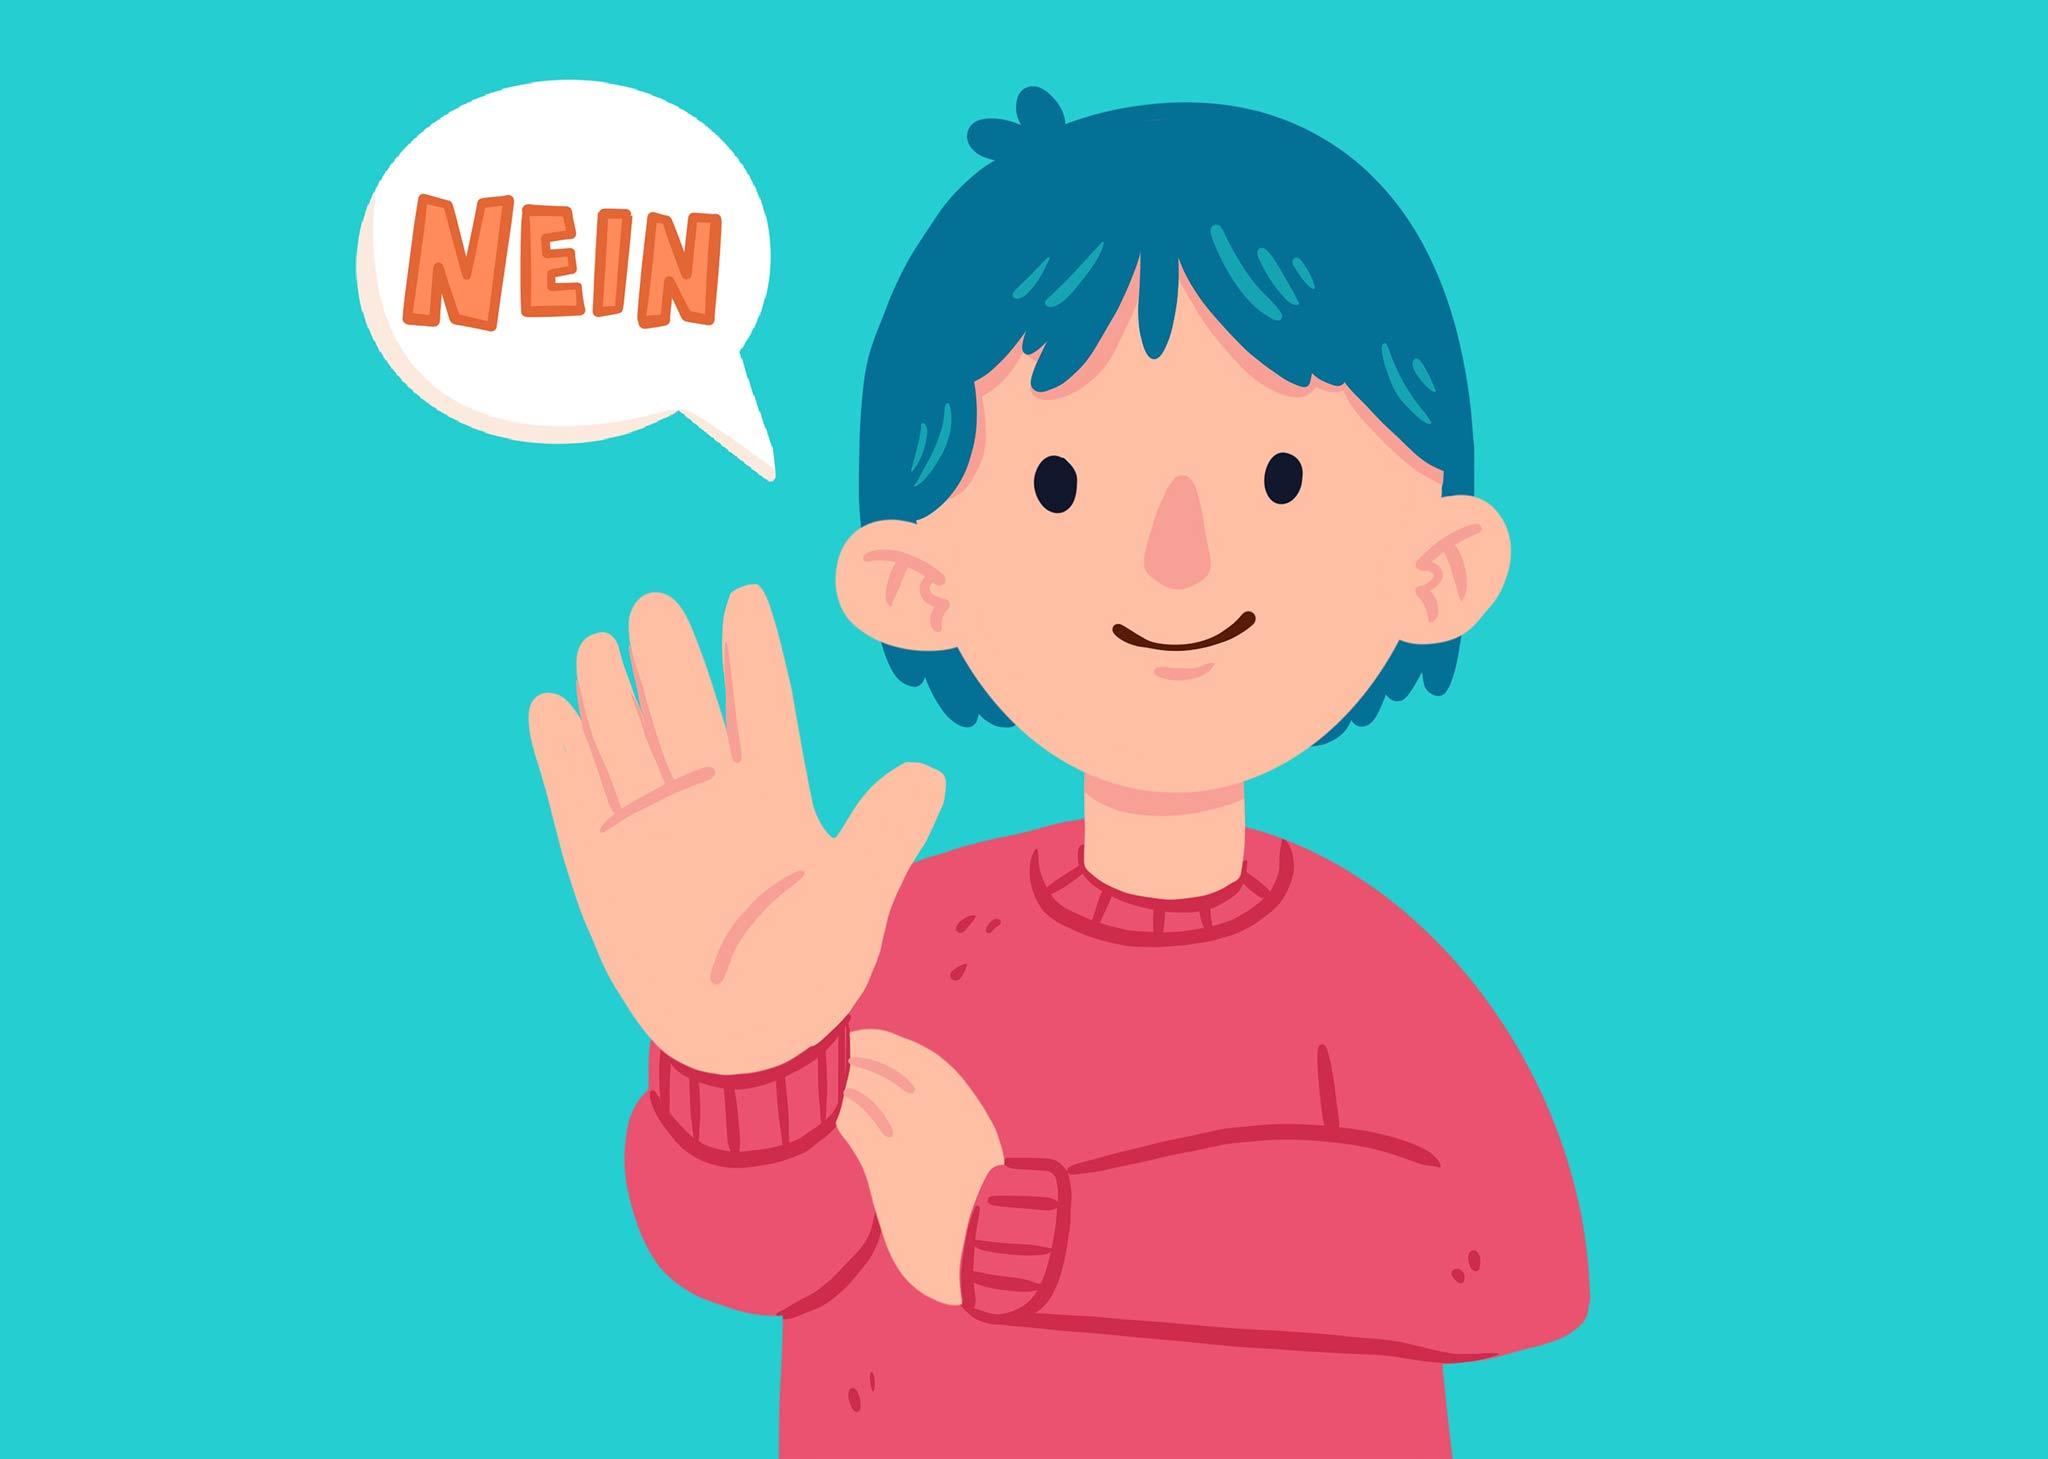 """Eine Person, die die Handfläche nach vorne streckt und mit leichtem Lächeln """"nein"""" sagt."""